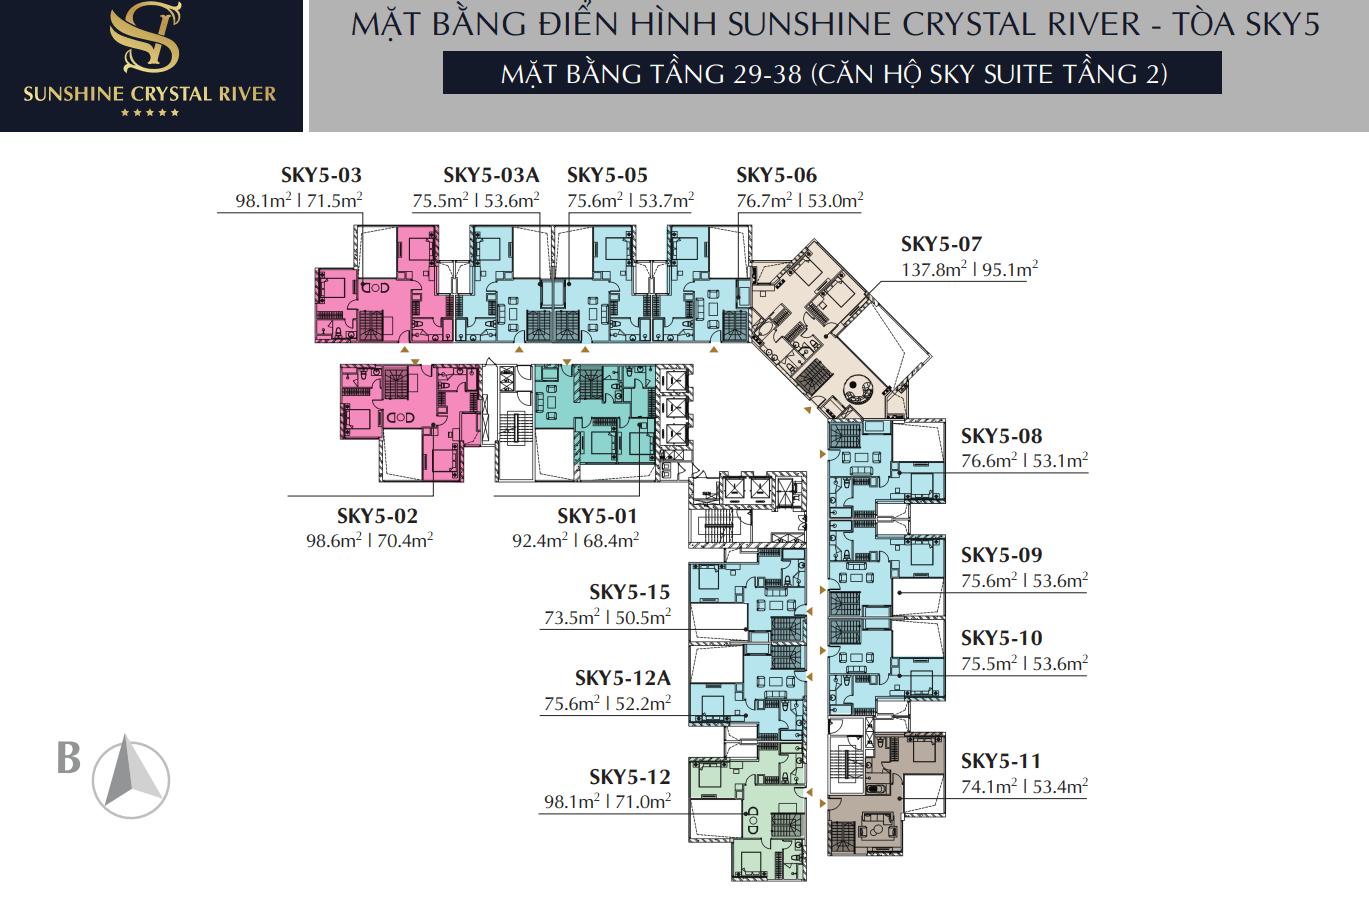 Mặt bằng tầng 29 - 38 căn hộ Sky Suite Tầng 2 - Tòa Sky 5 Sunshine Crystal River